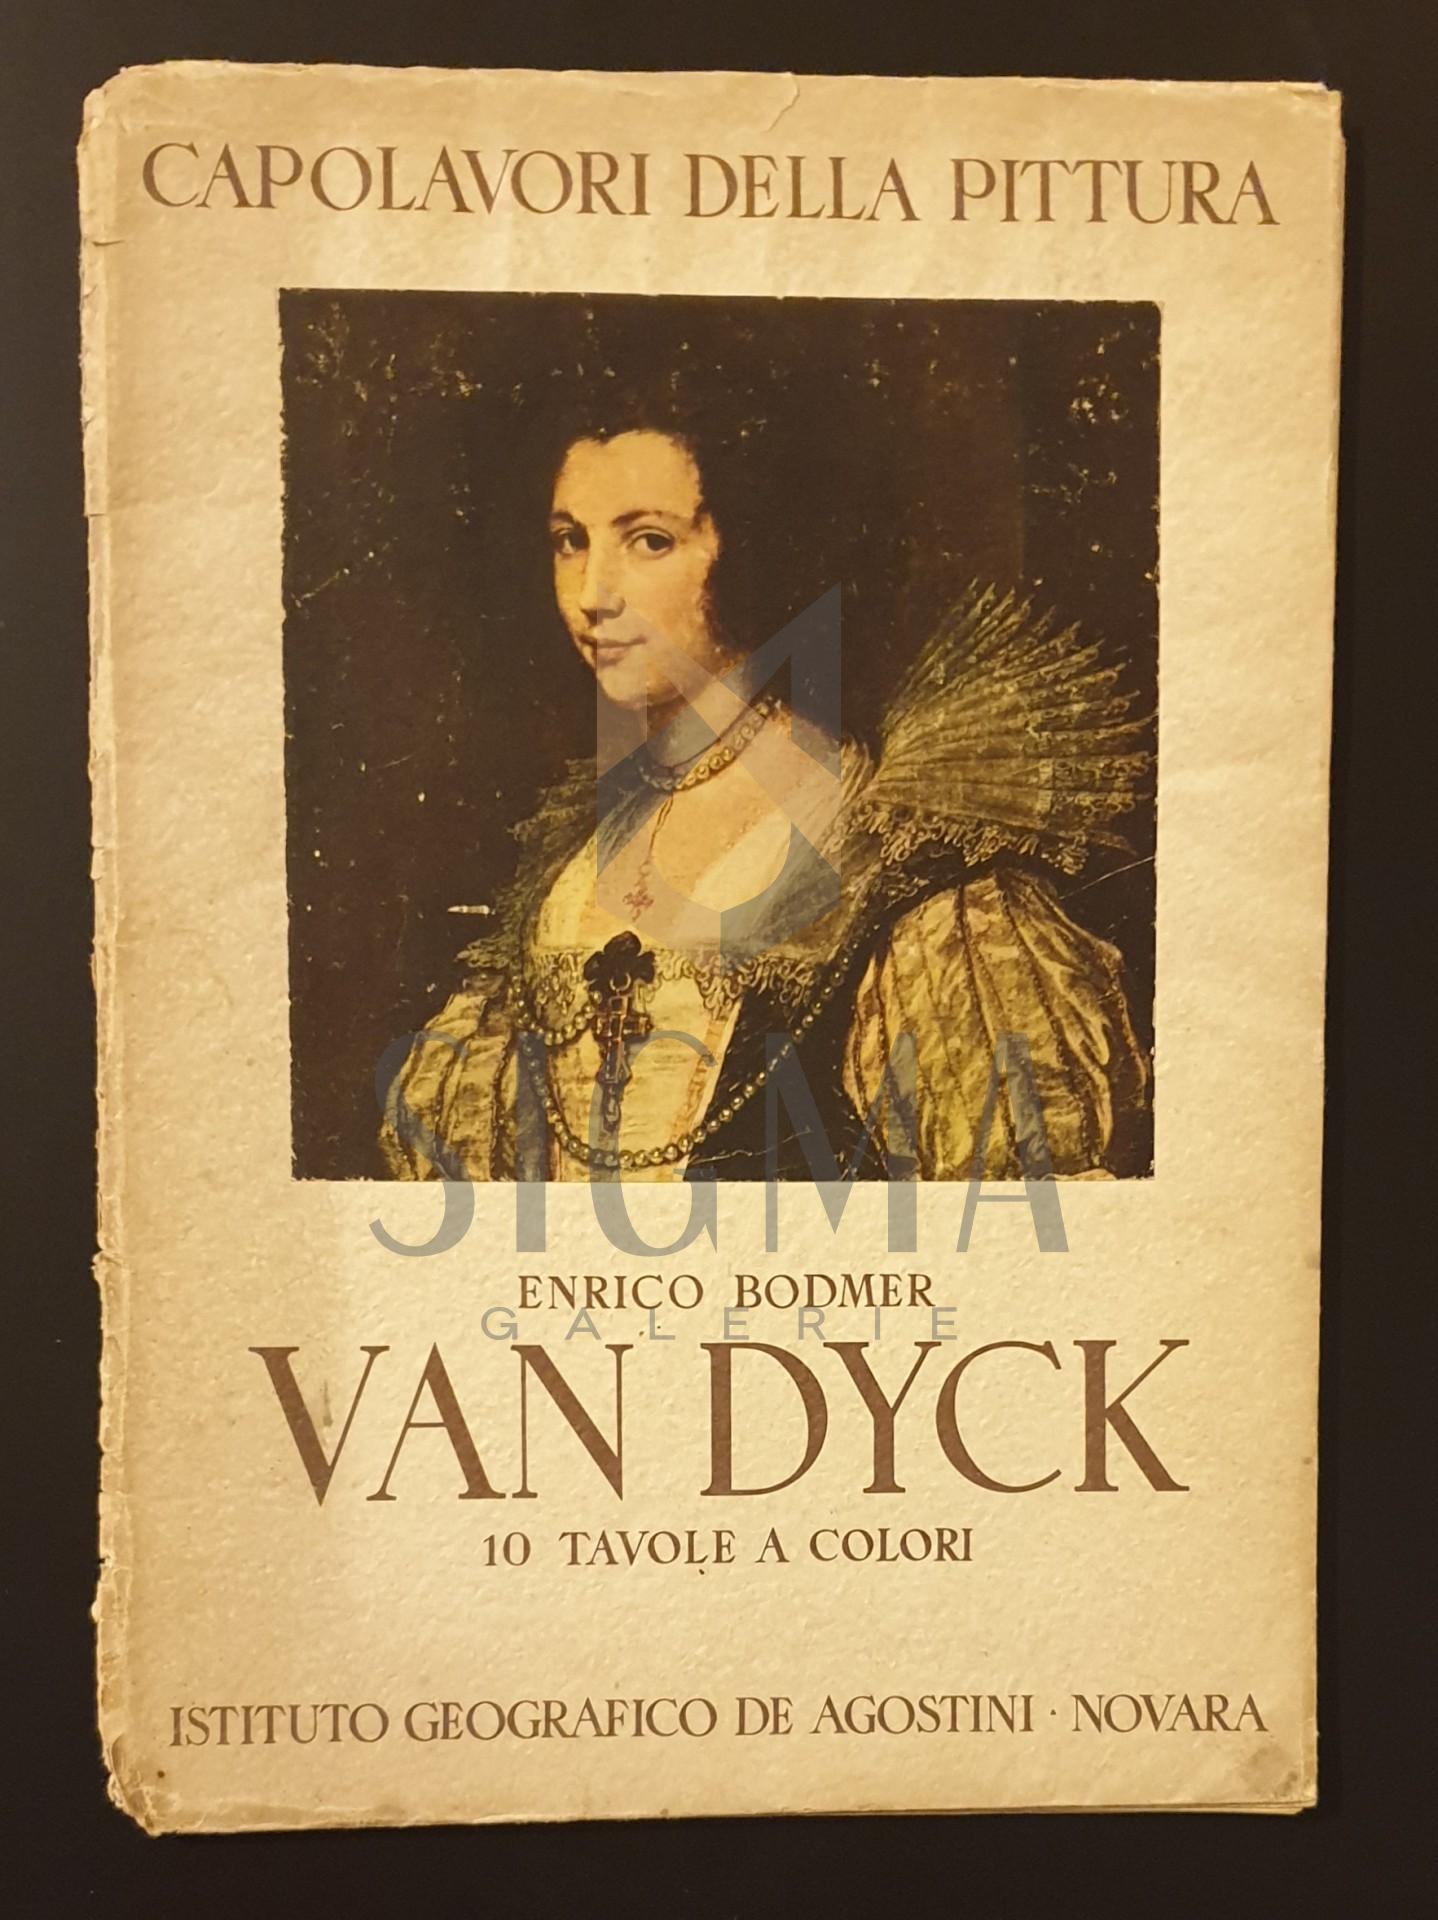 Capolavori della pittura  * Van Dyck